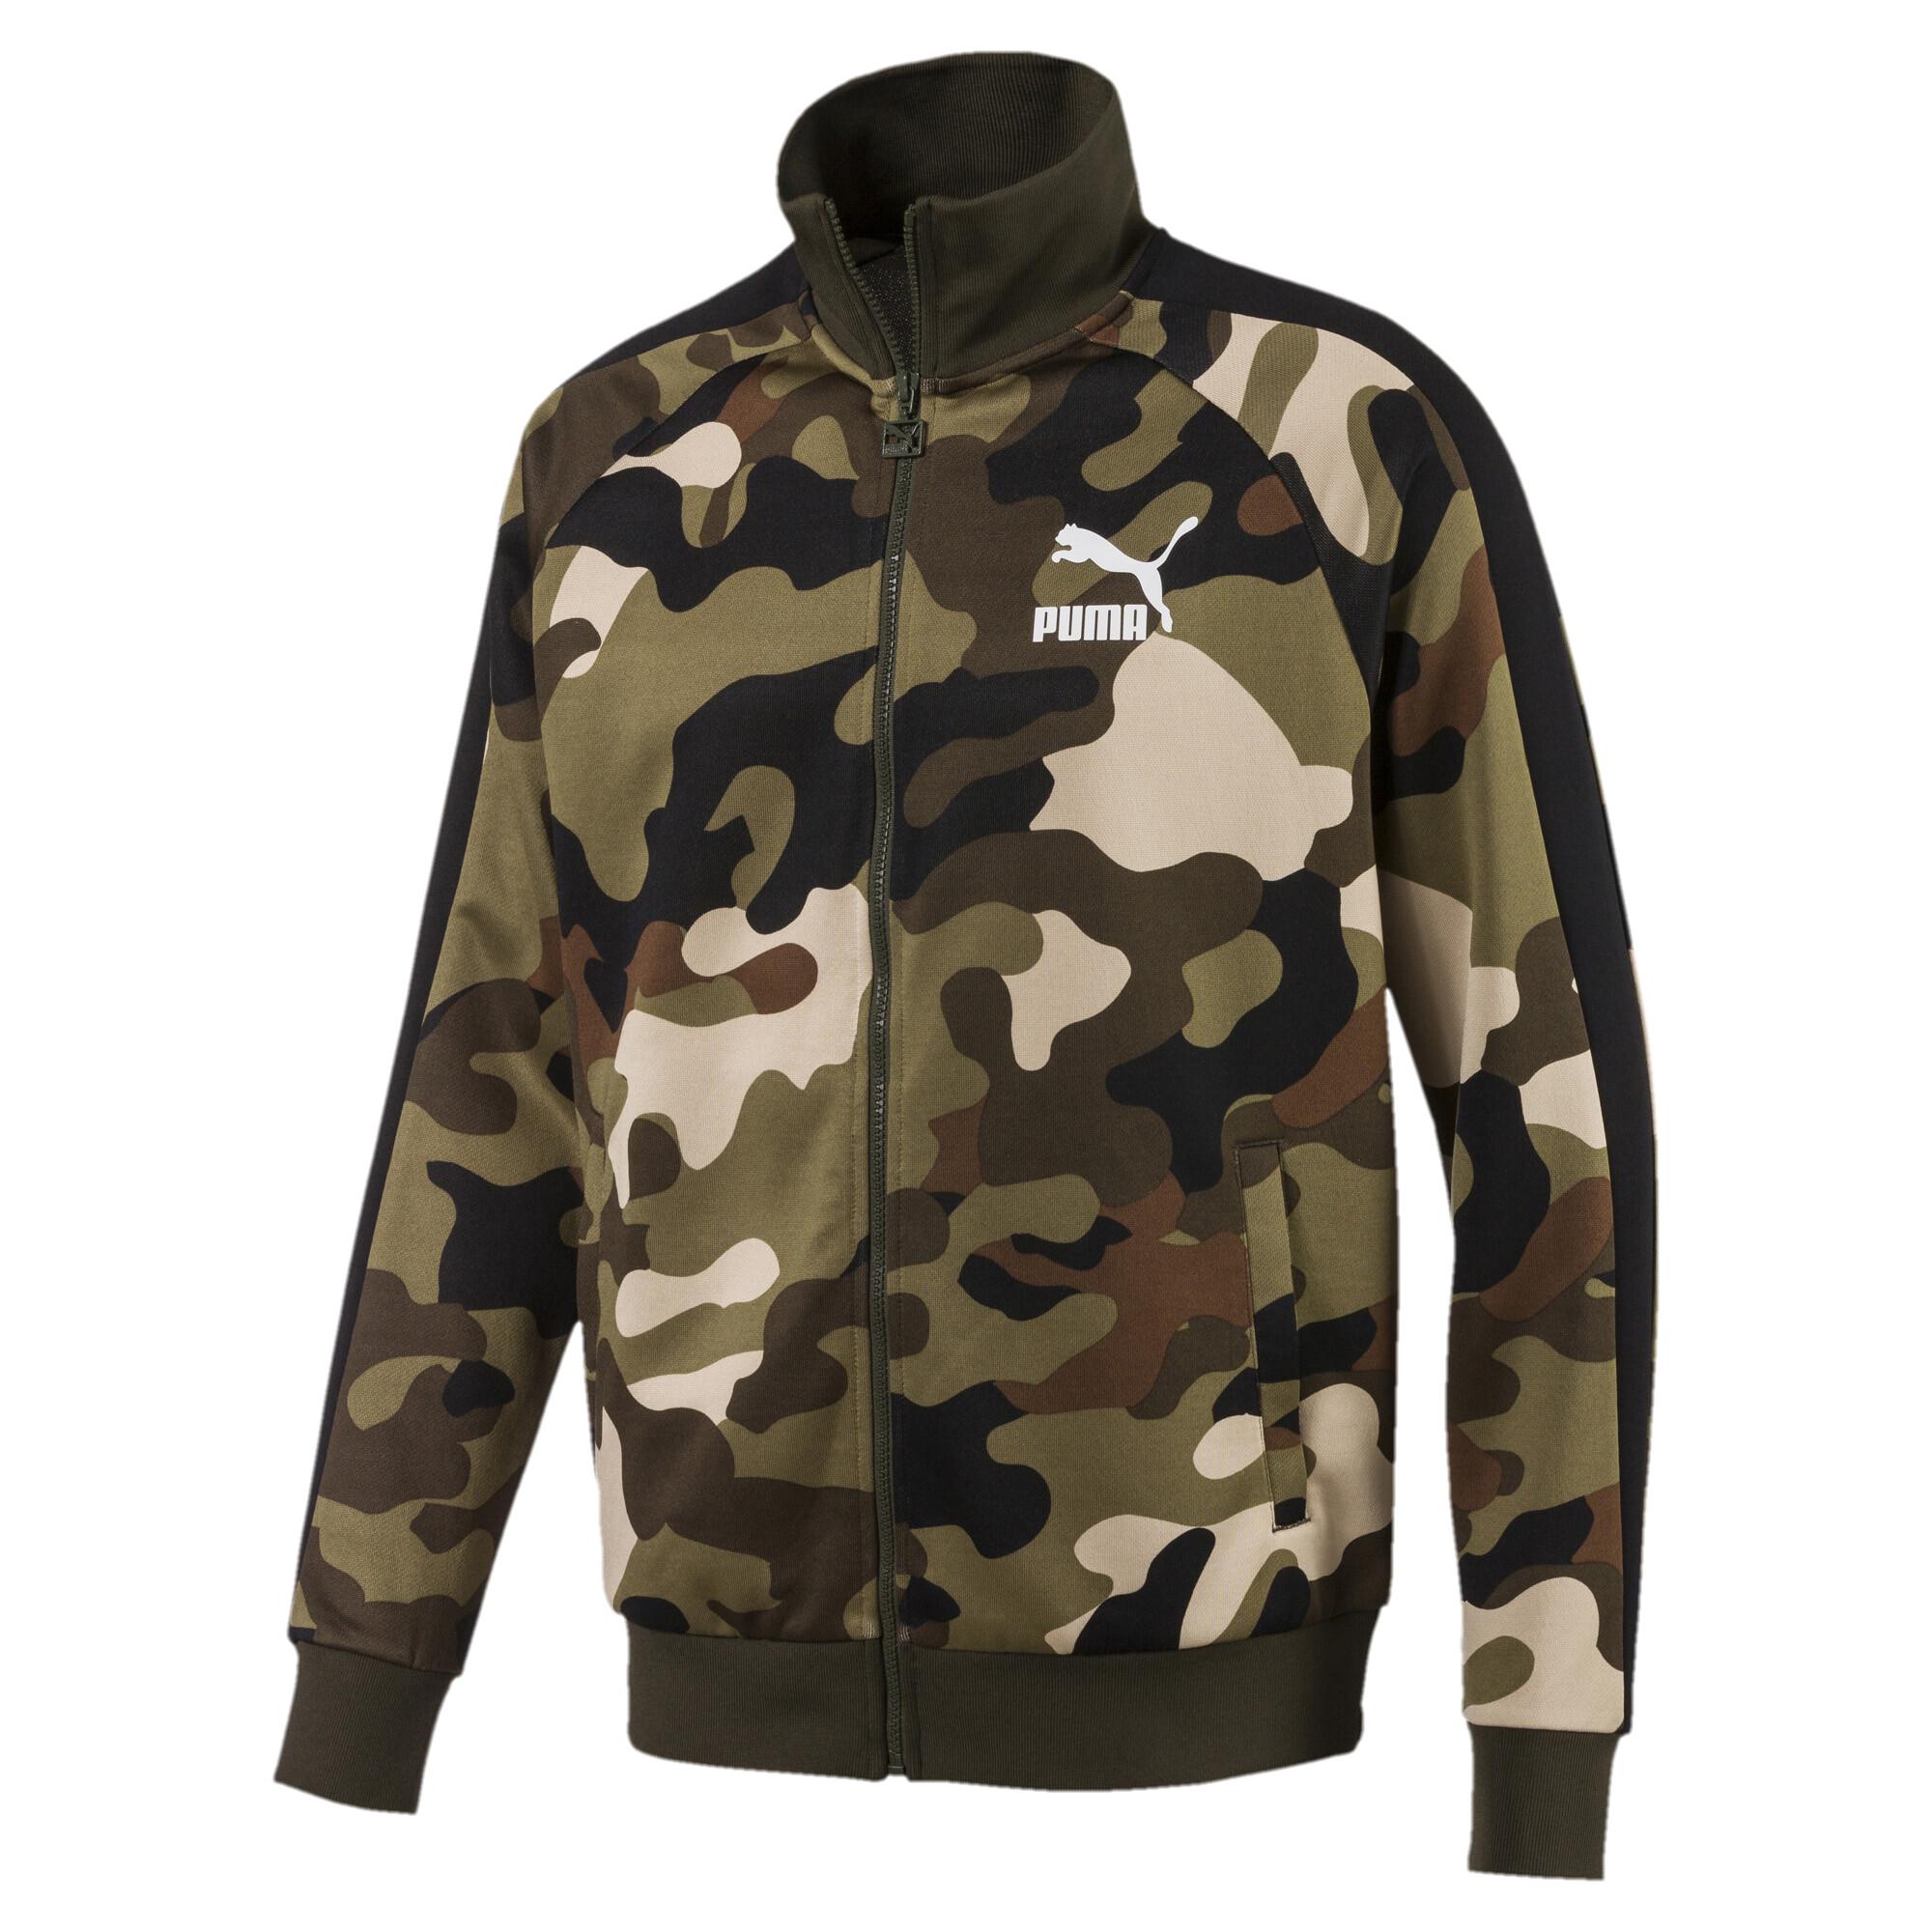 puma camouflage jacket Shop Clothing & Shoes Online